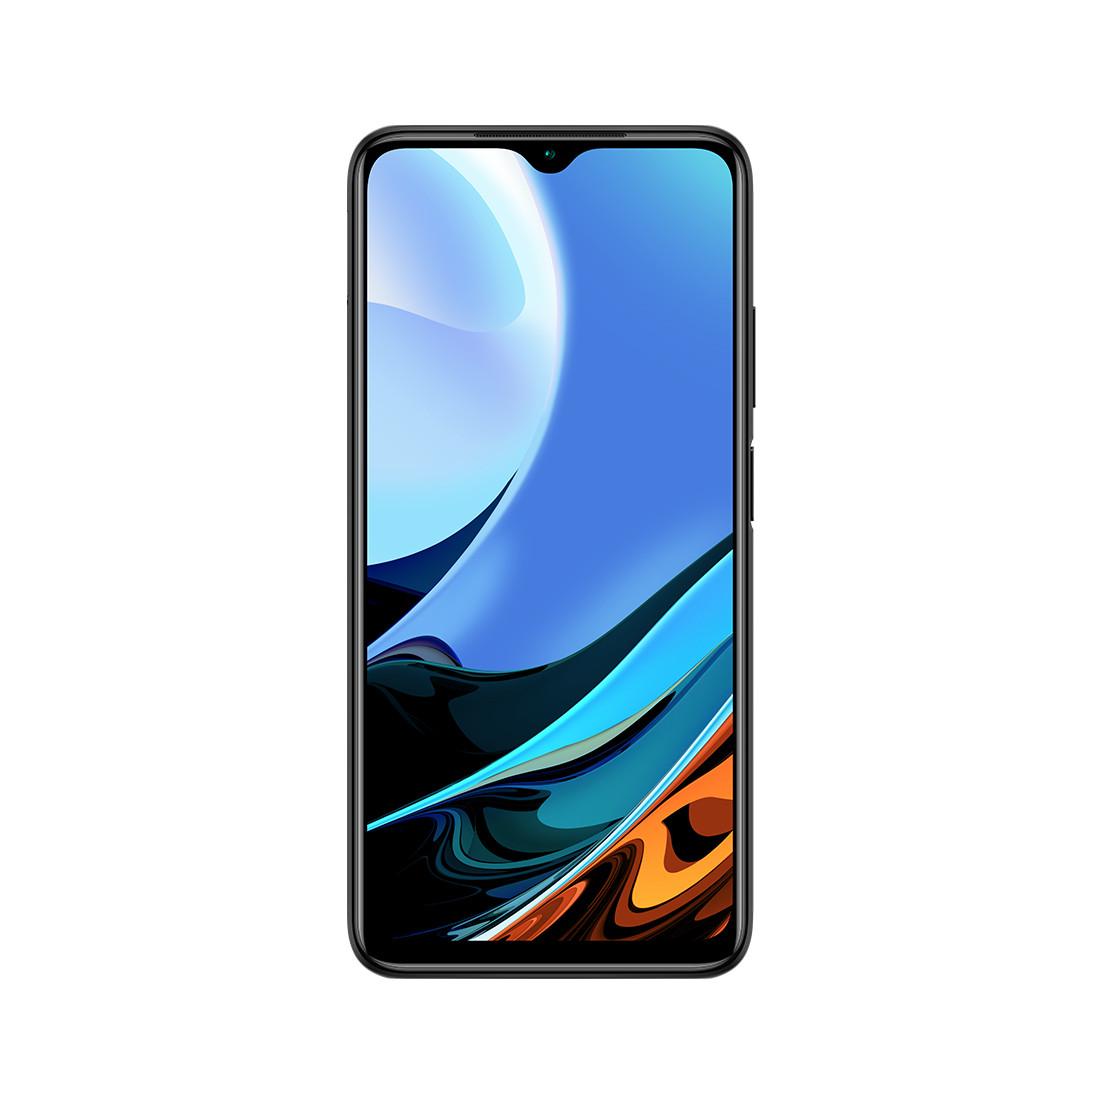 Мобильный телефон Xiaomi Redmi 9T 128GB Carbon Gray